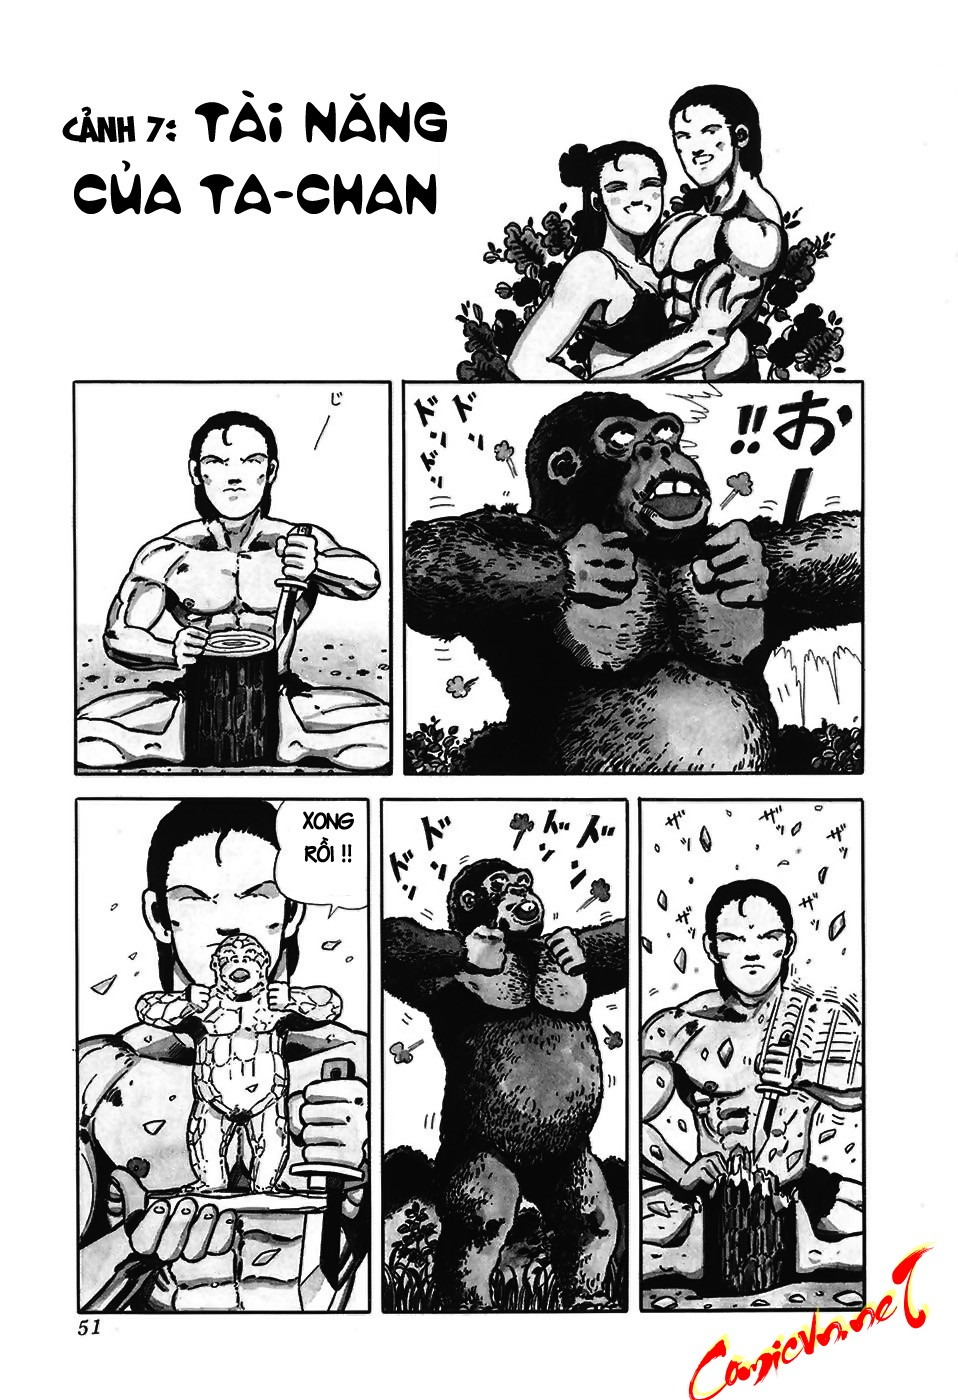 Chúa rừng Ta-chan chapter 7 trang 1